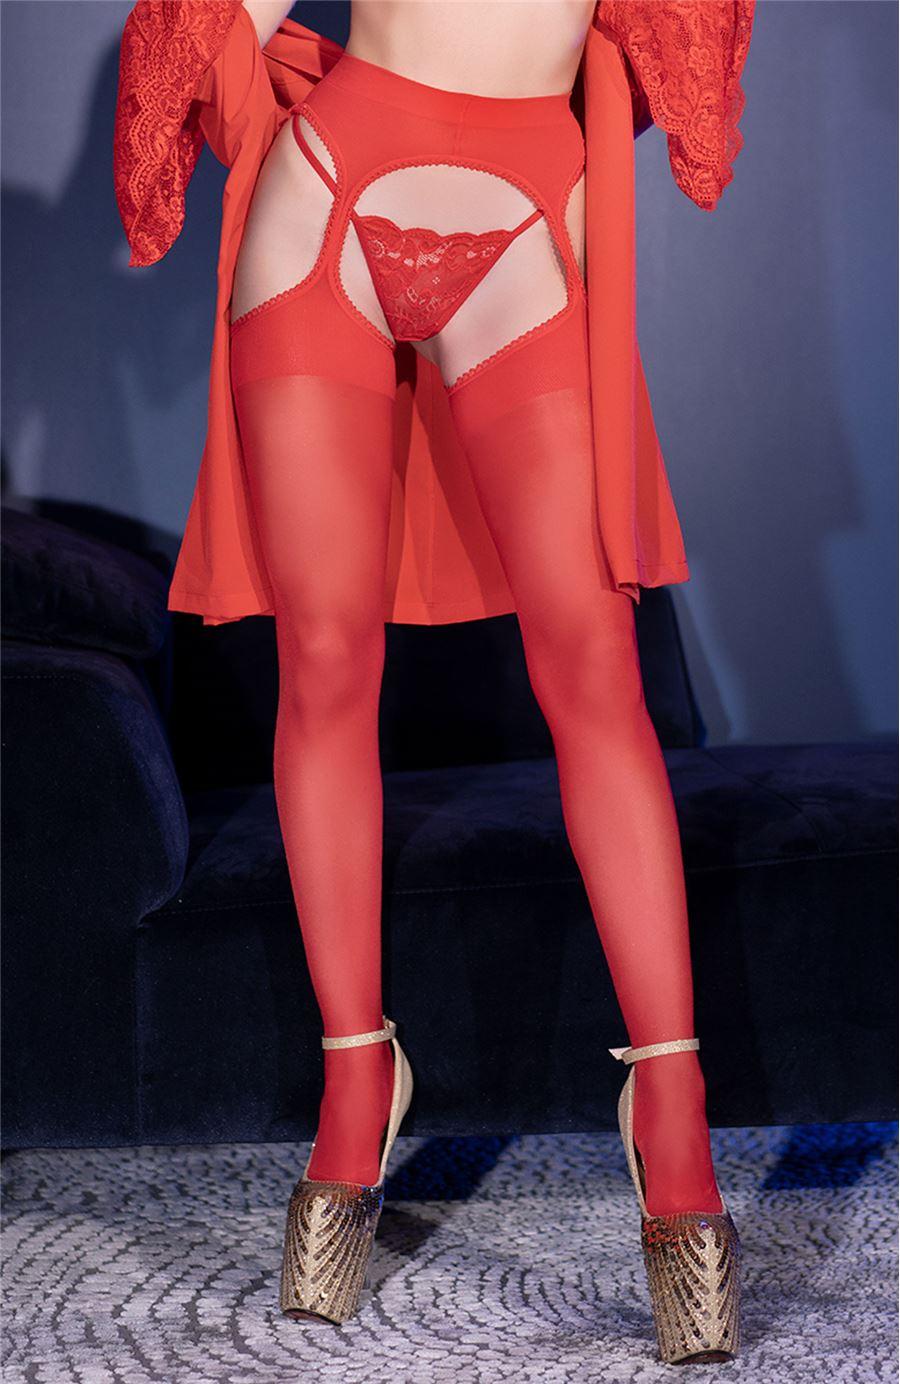 Garter Stockings